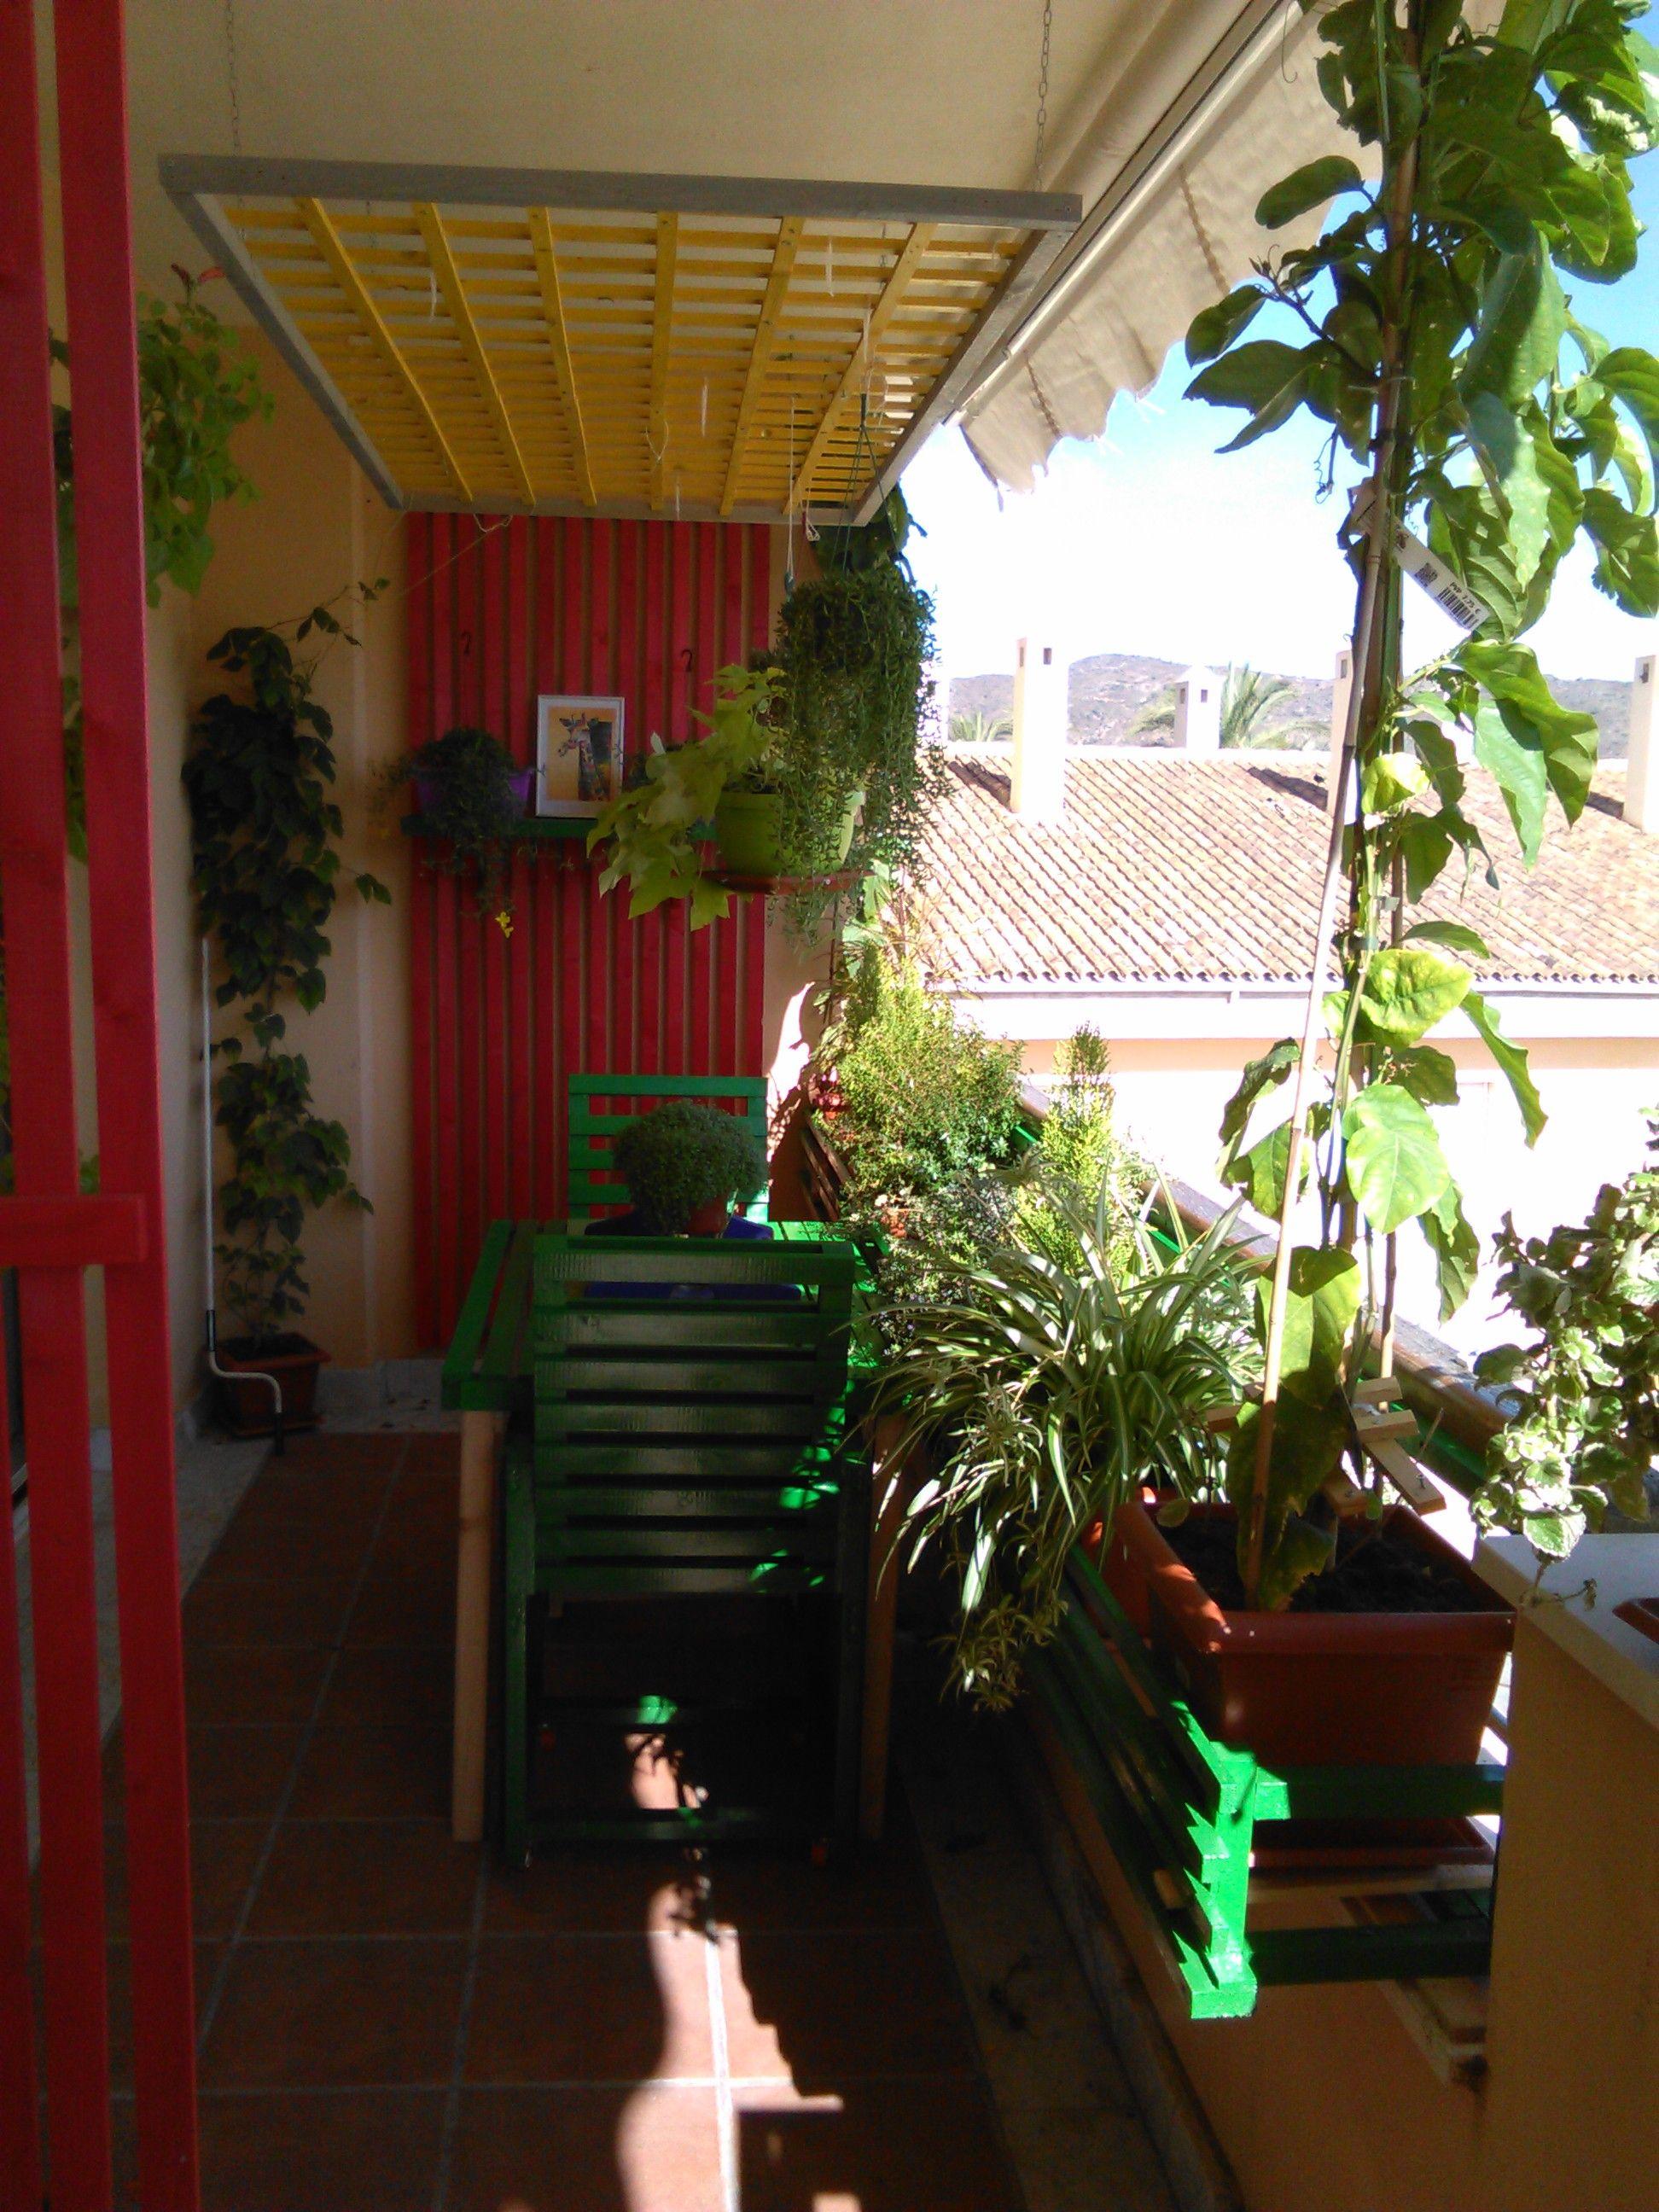 Kleine Terrassen idee voor klein terras frans kleine terrassen balcon